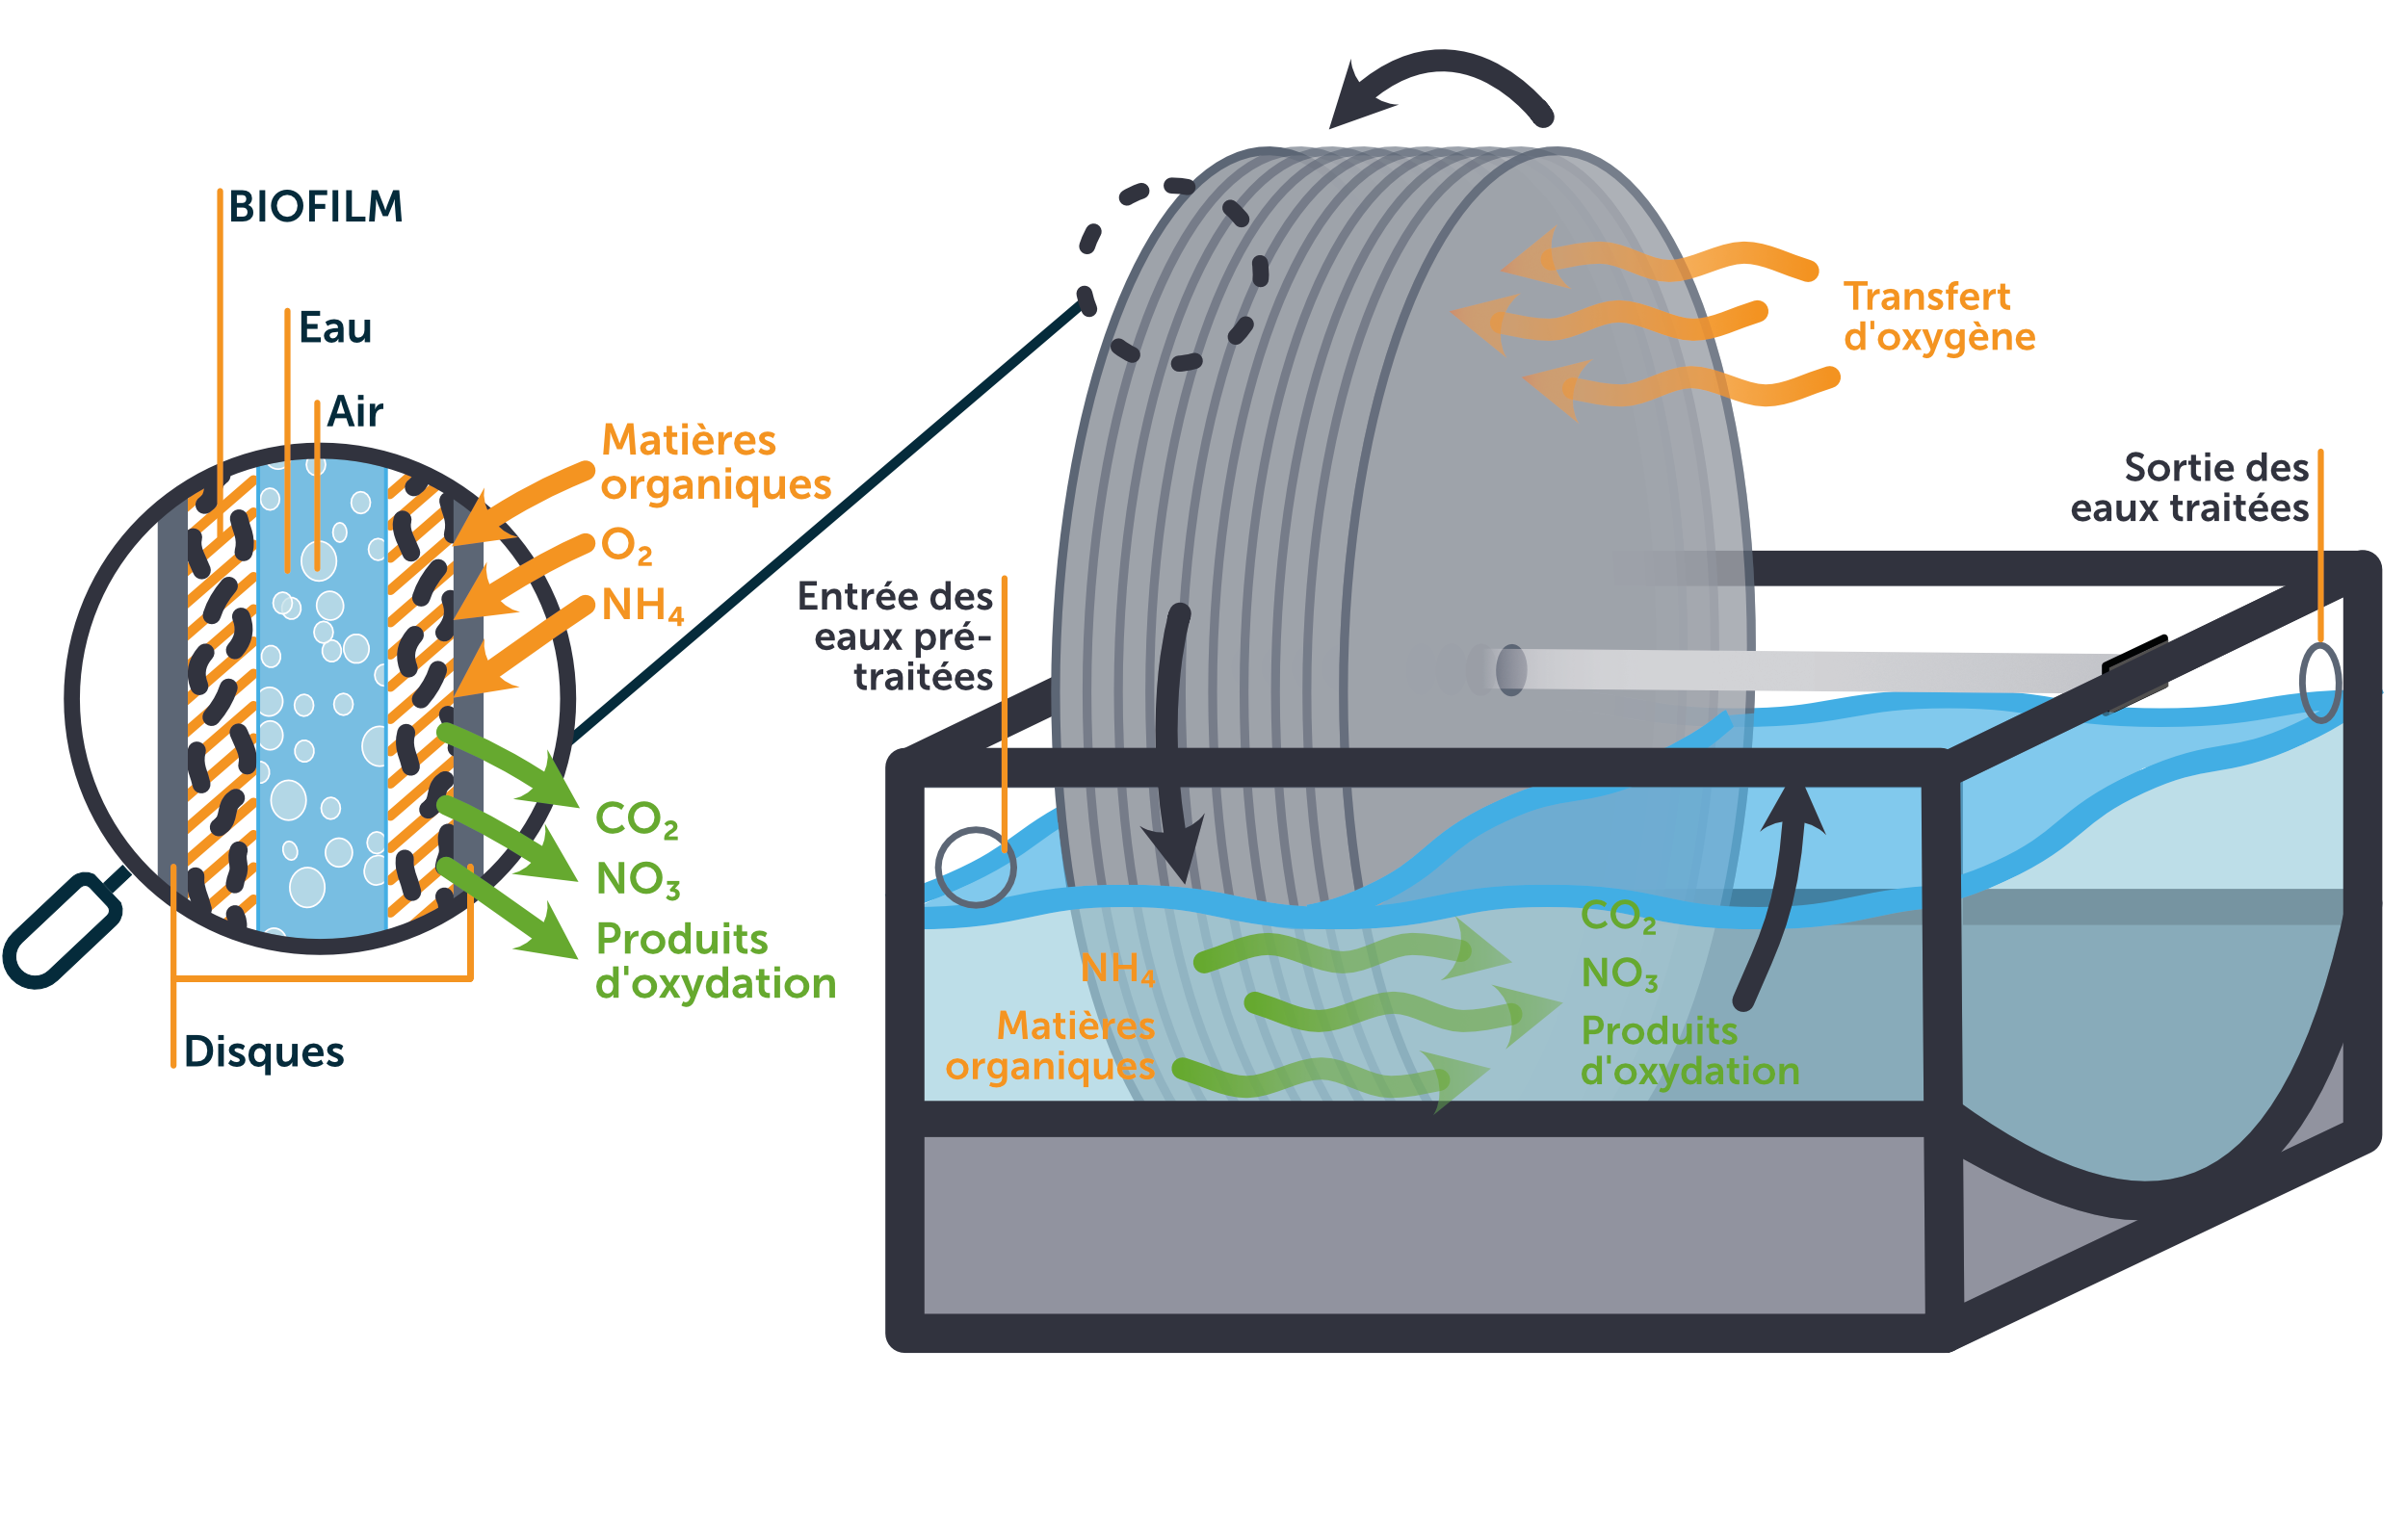 Comment fonctionne un biodisque?